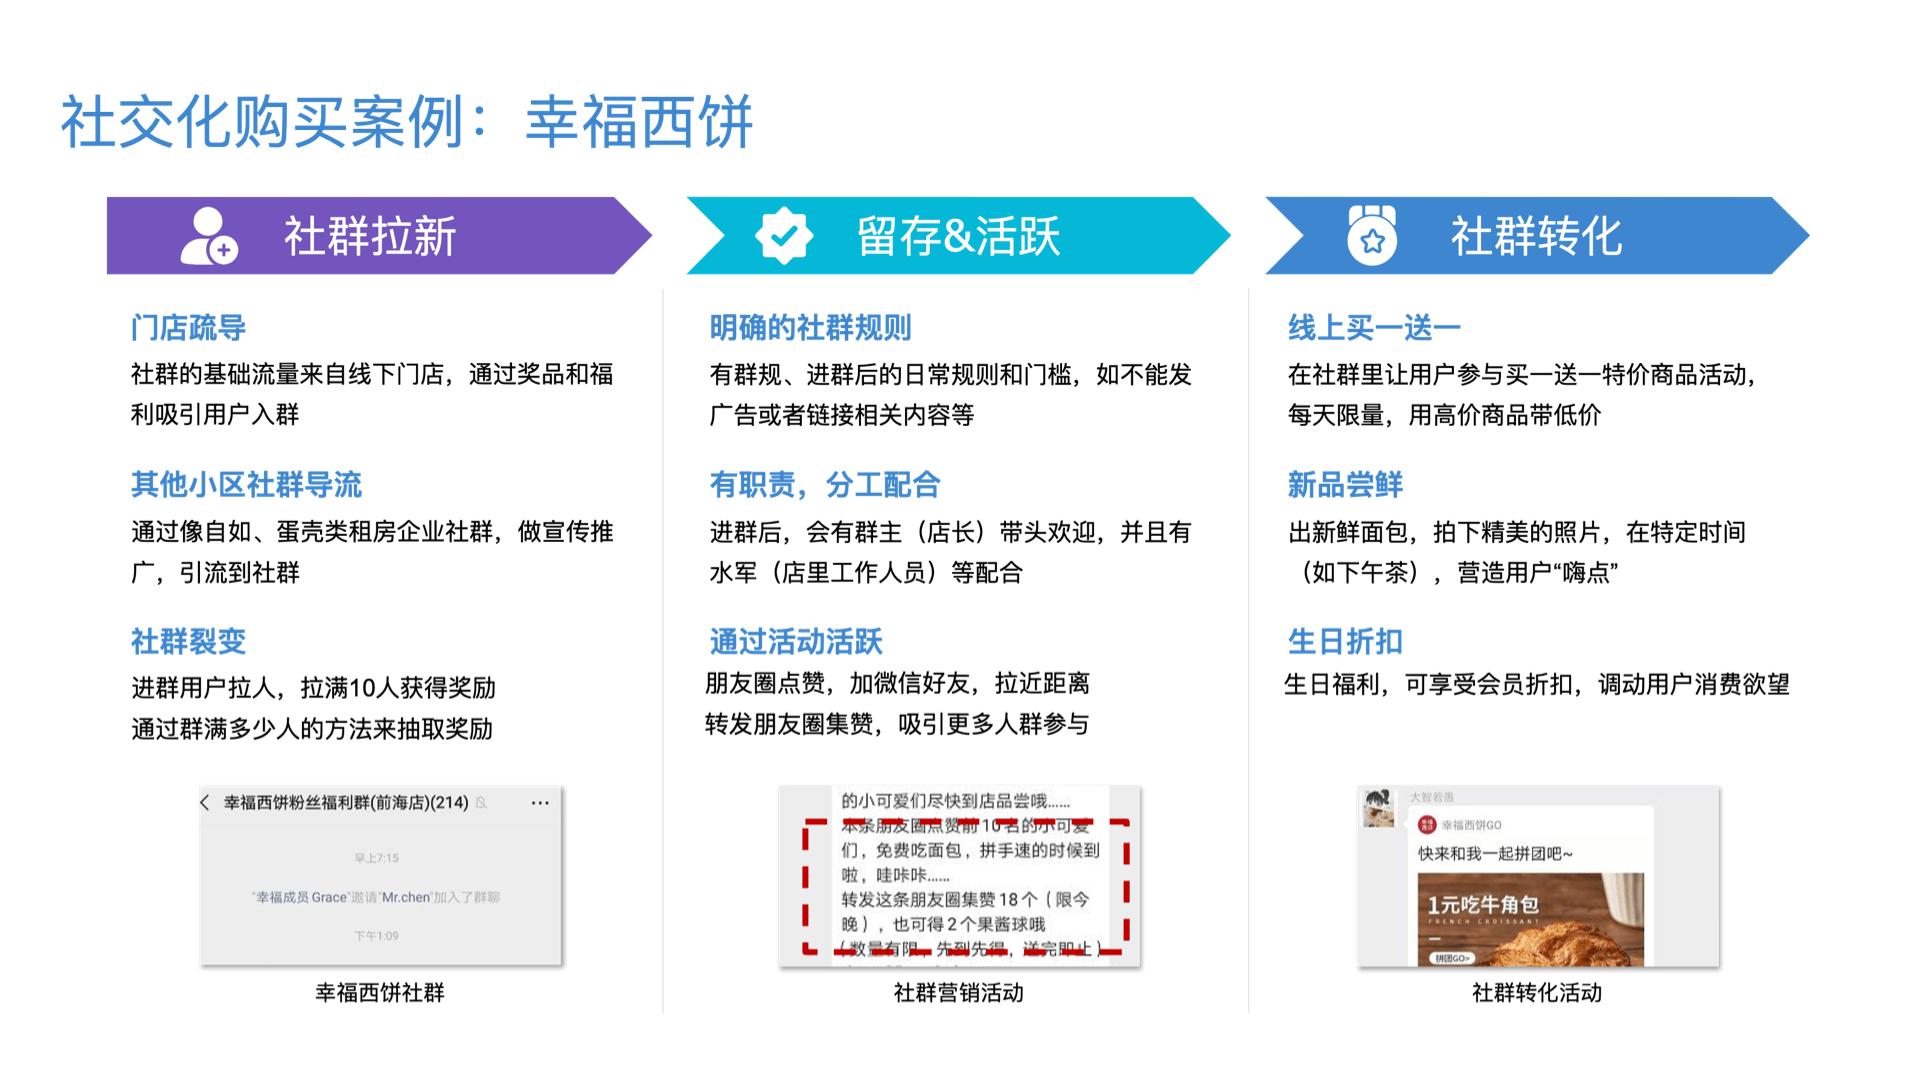 社交电商-社交化购买-幸福西饼